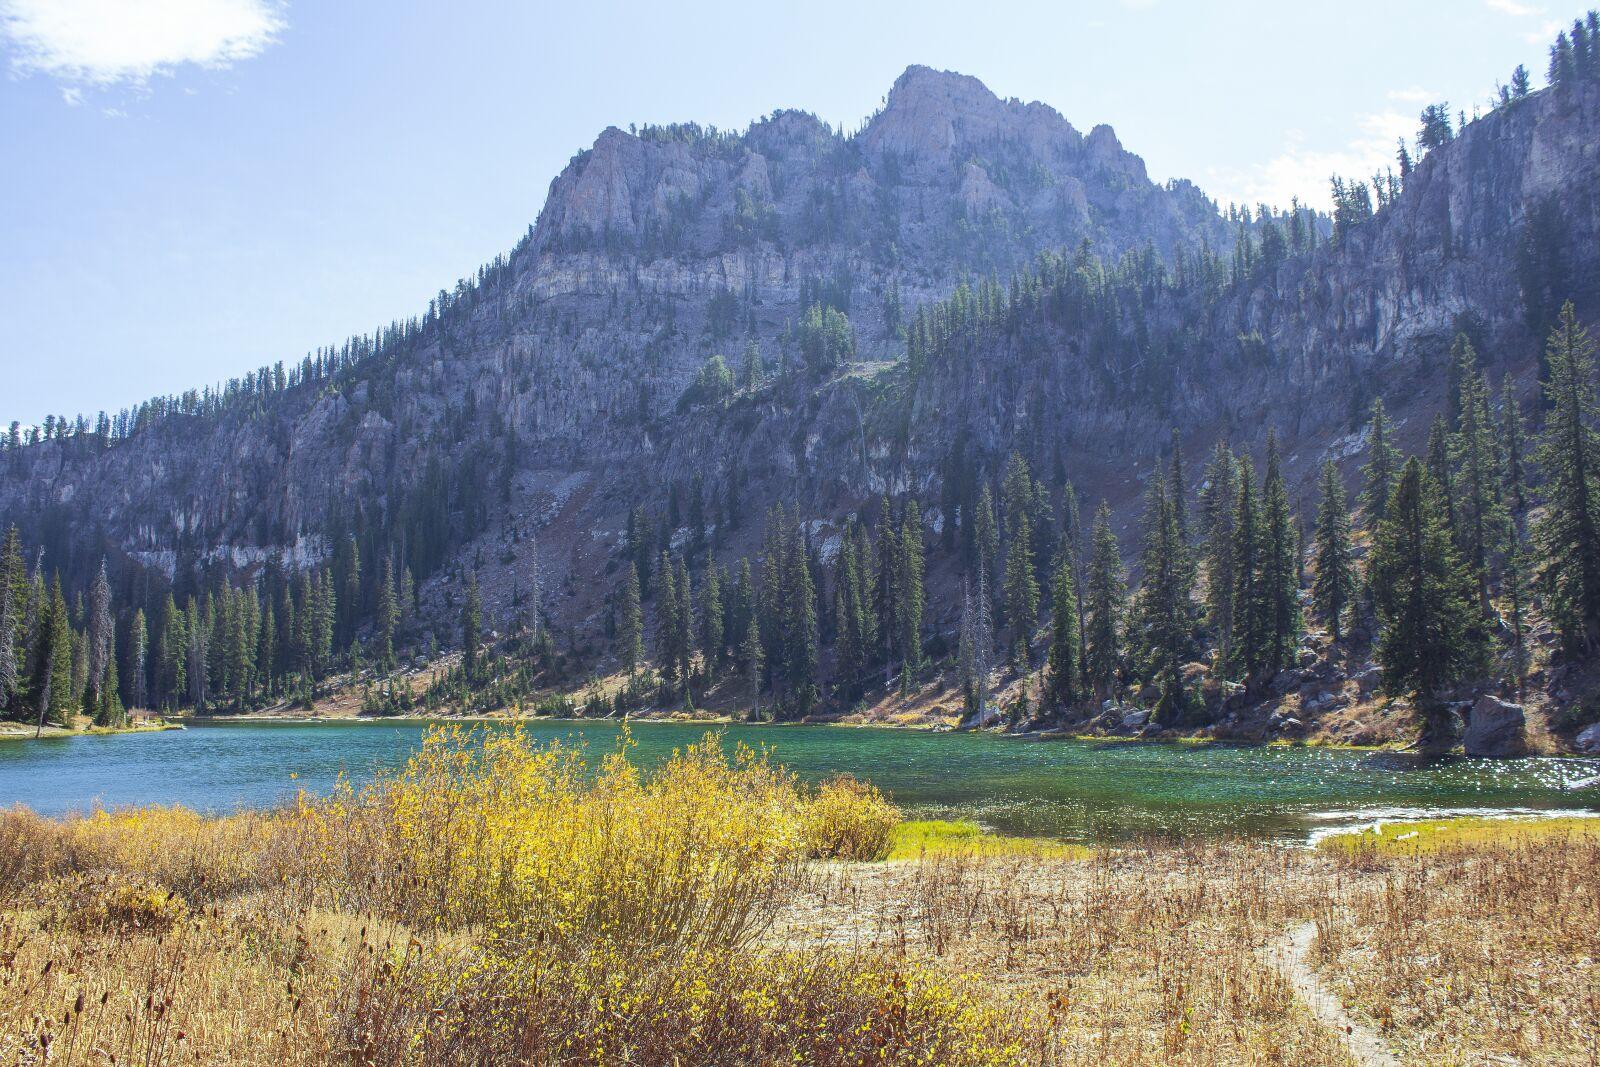 """Canon EOS 600D (Rebel EOS T3i / EOS Kiss X5) sample photo. """"Lake, mountain, trail"""" photography"""